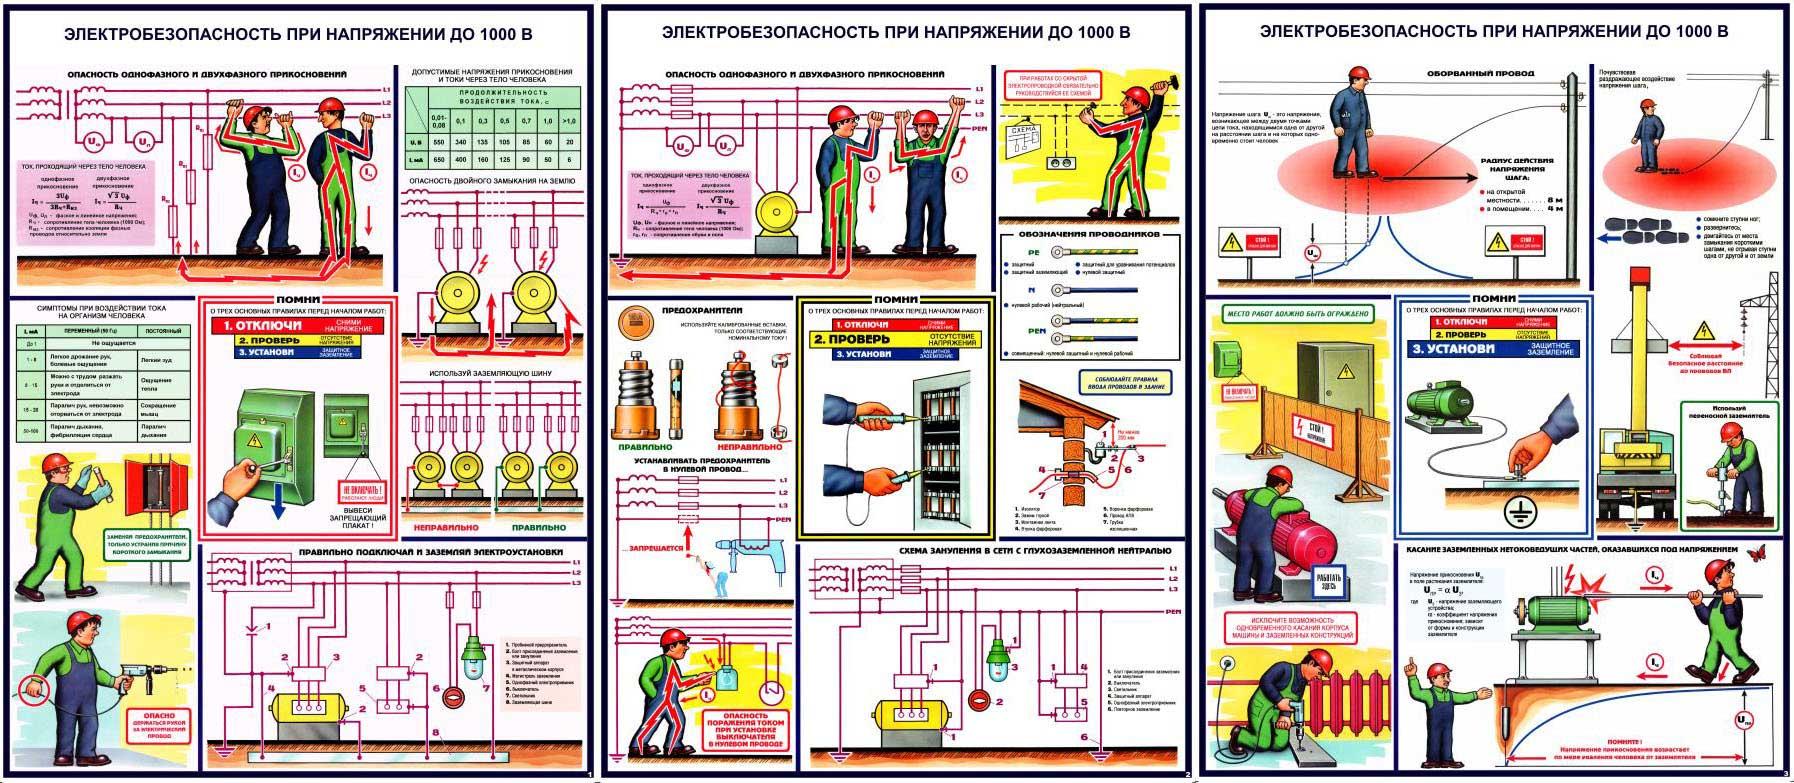 Тест по теме:  комплект контрольно-оценочных средств по мдк 01.04 «техническое регулирование и контроль качества электрического и электромеханического электрооборудования»  | социальная сеть работников образования